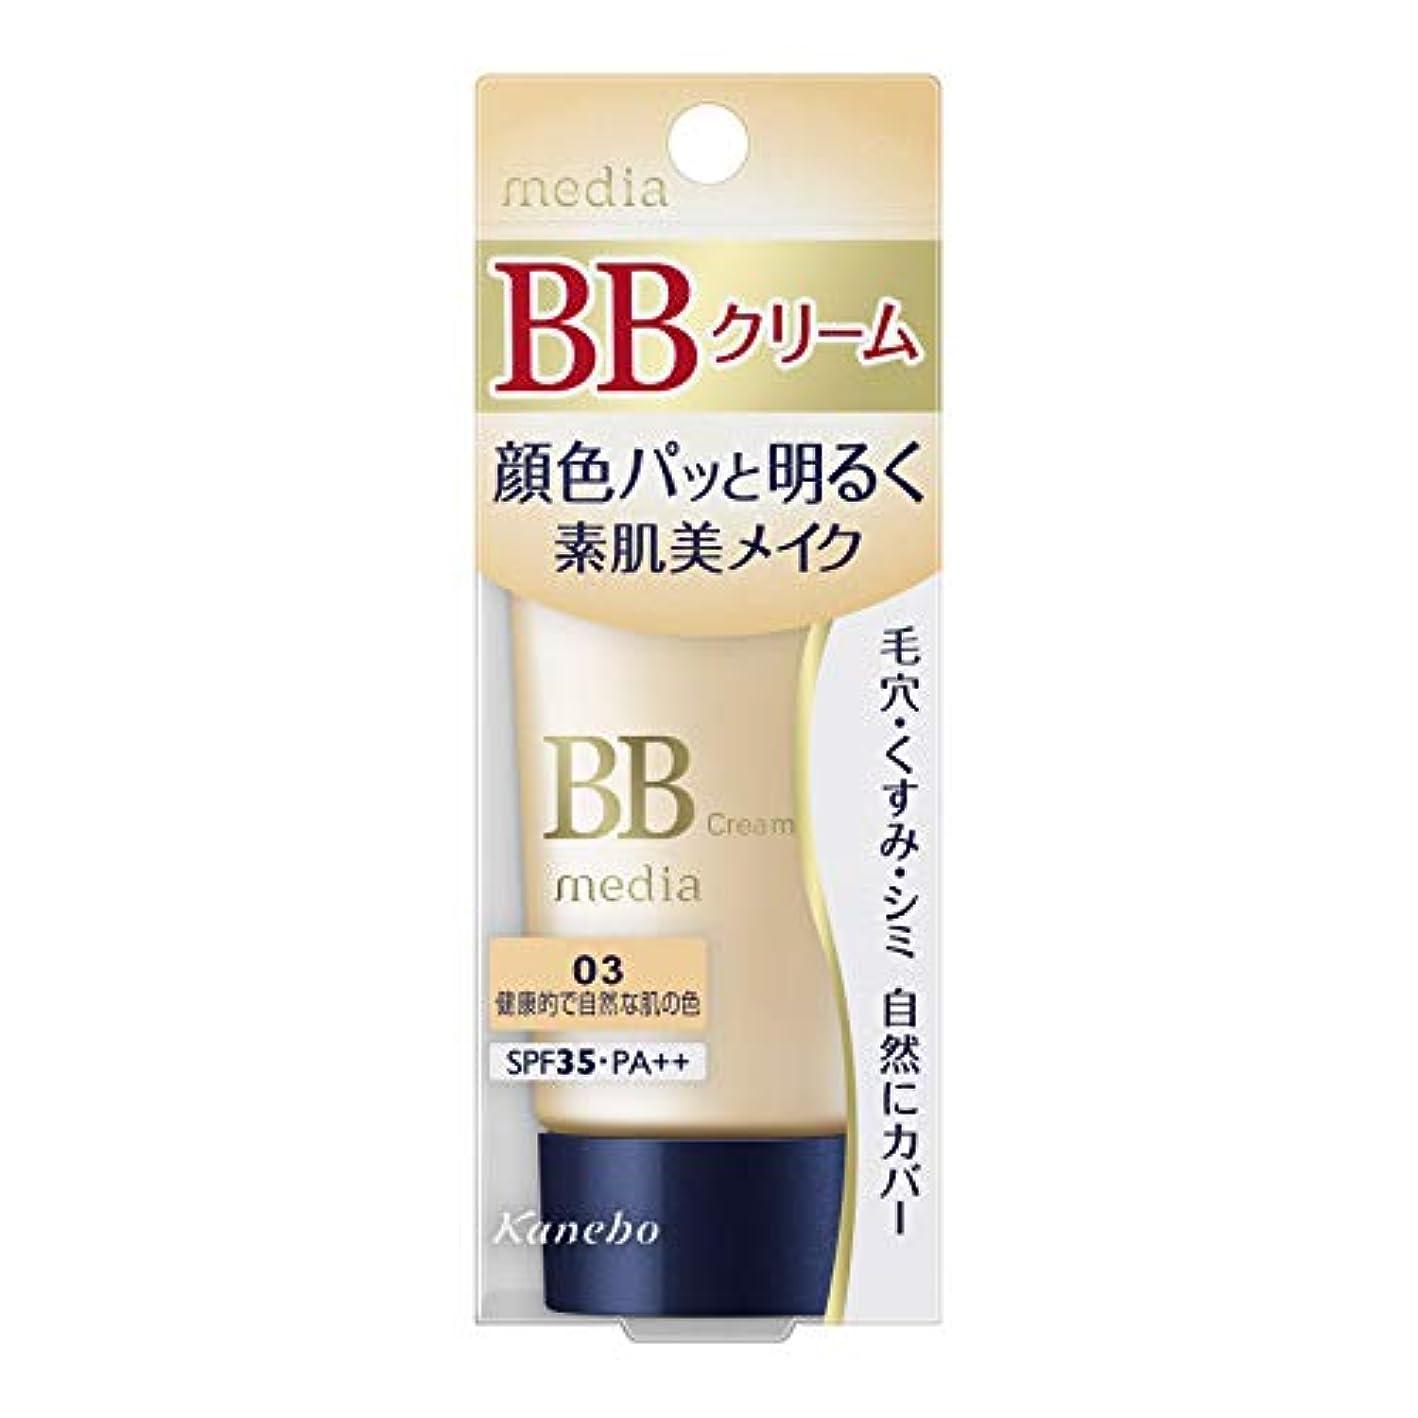 小説編集者カレッジカネボウ化粧品 メディア BBクリームS 03 35g